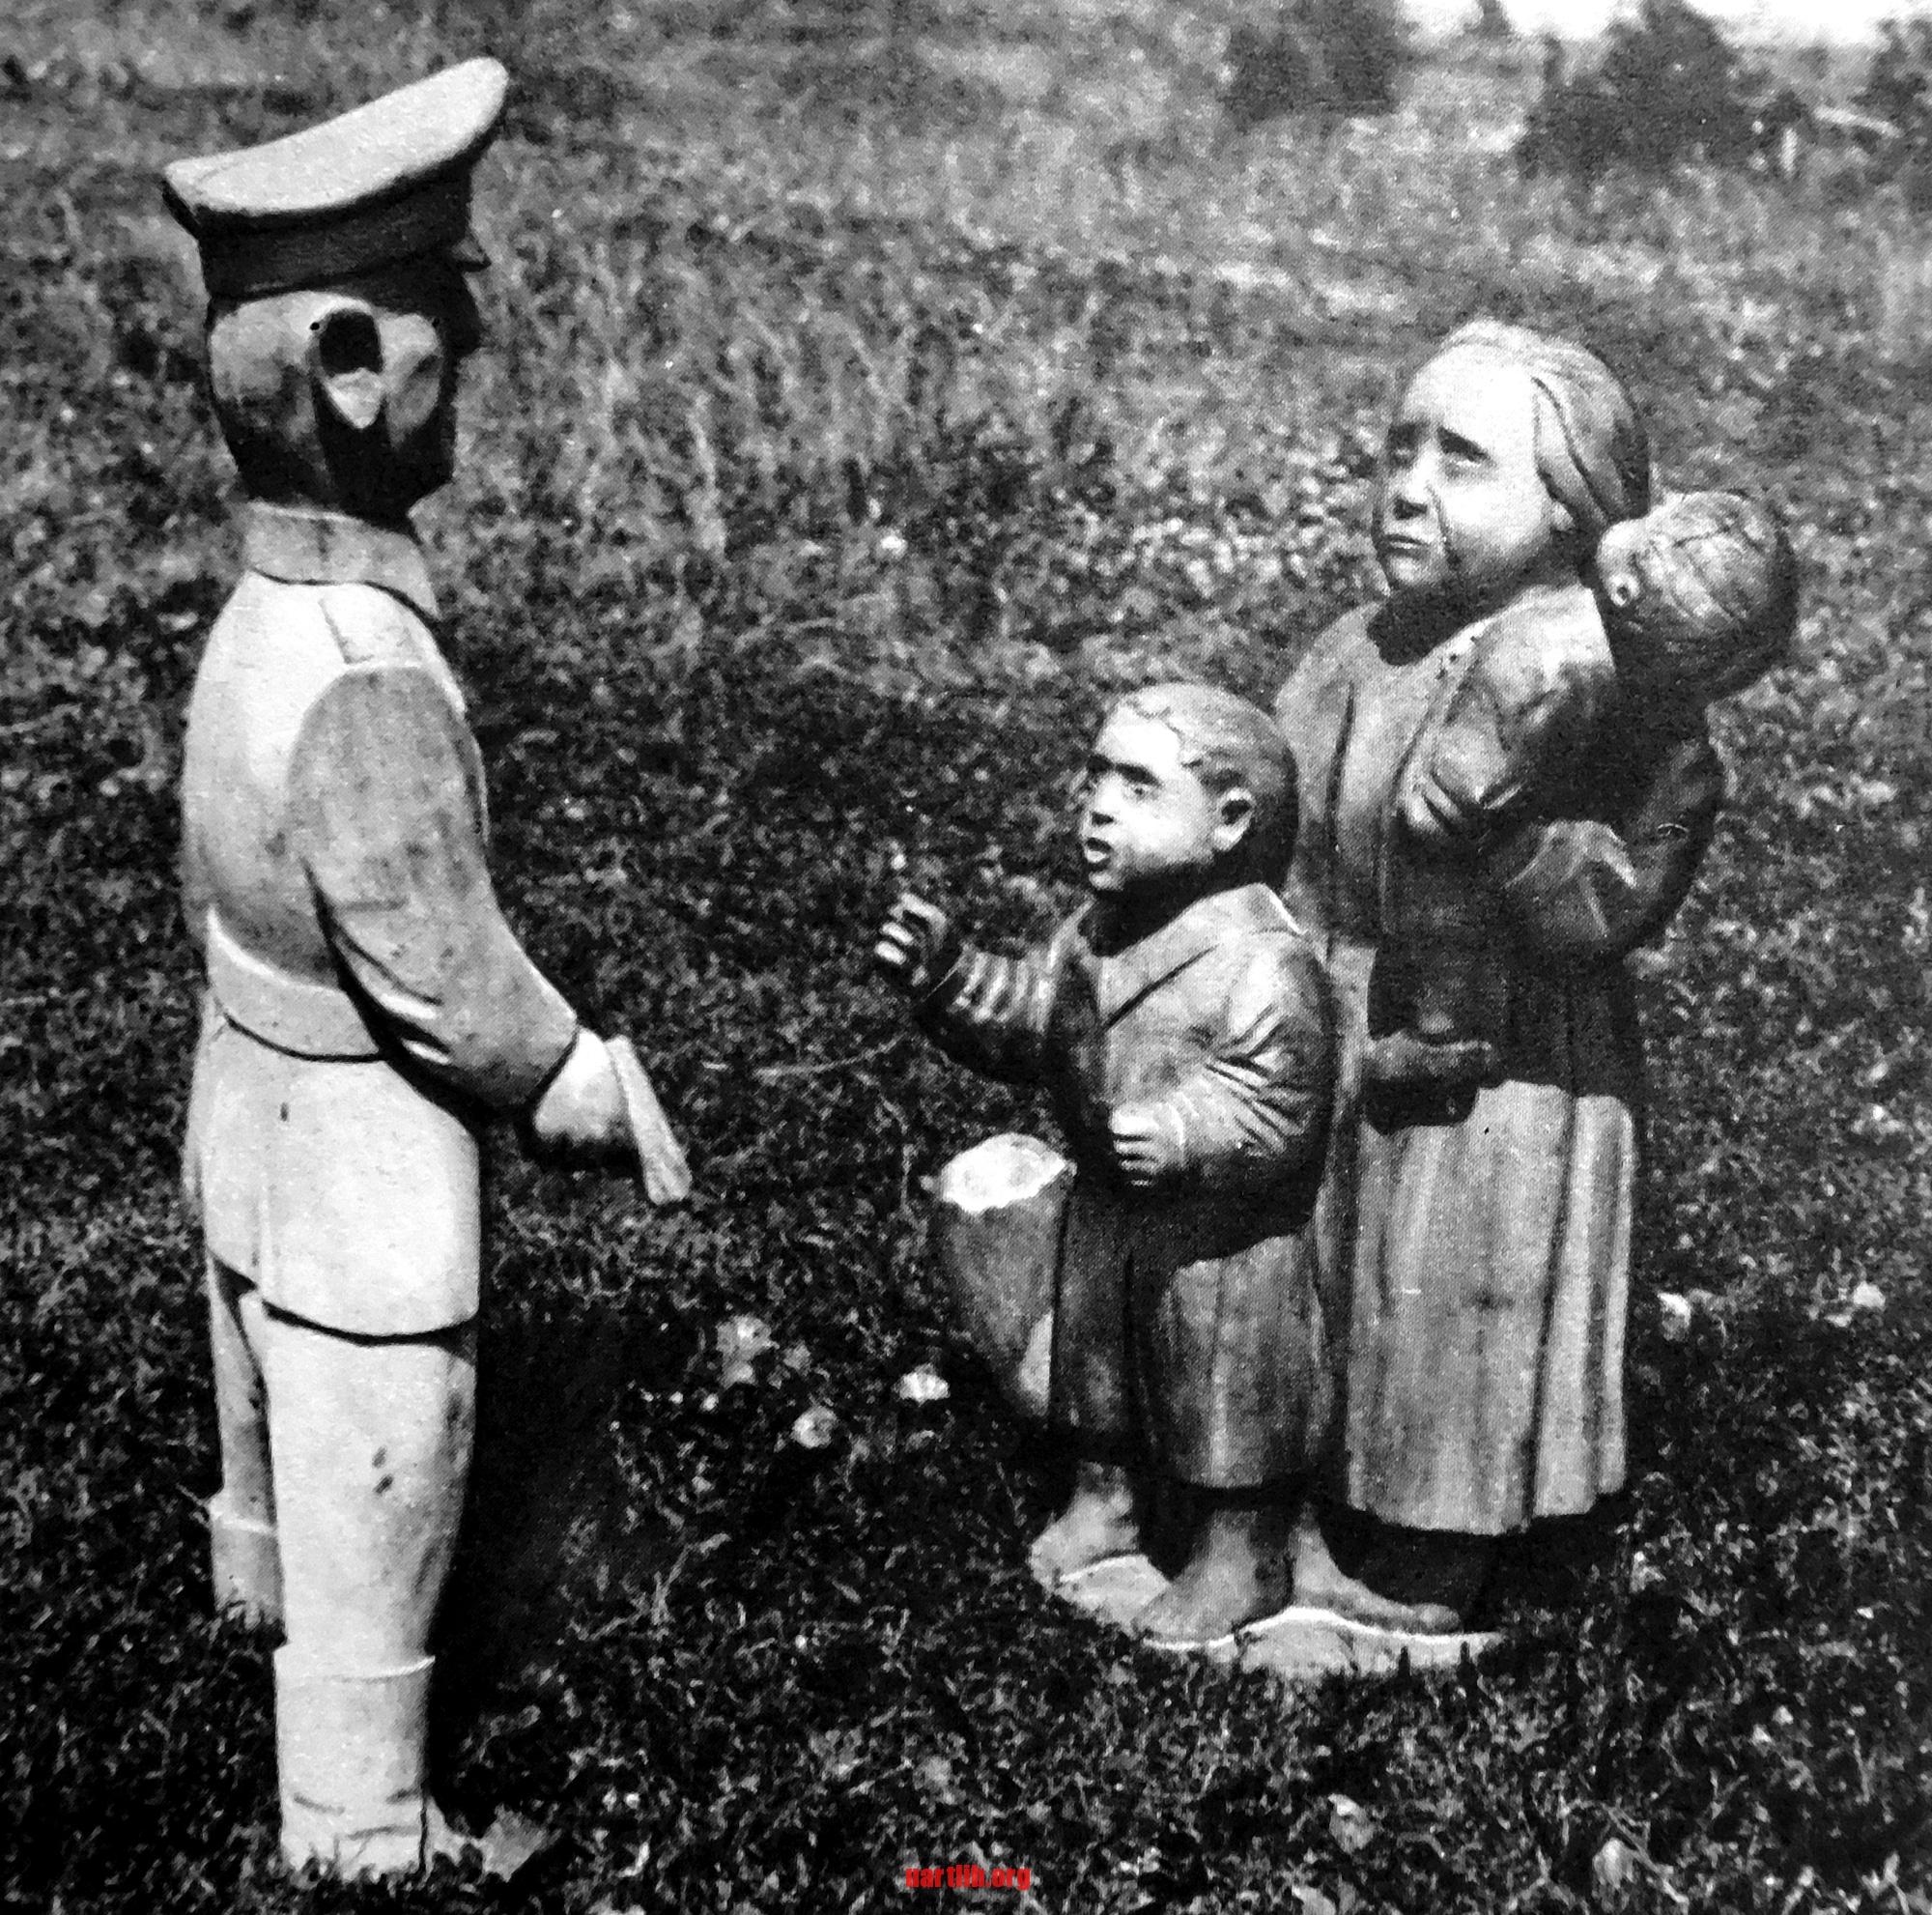 Антон Штепа. Розстріл. Дерев`яна скульптура. 1967 рік. Фото Ігоря Гільбо.